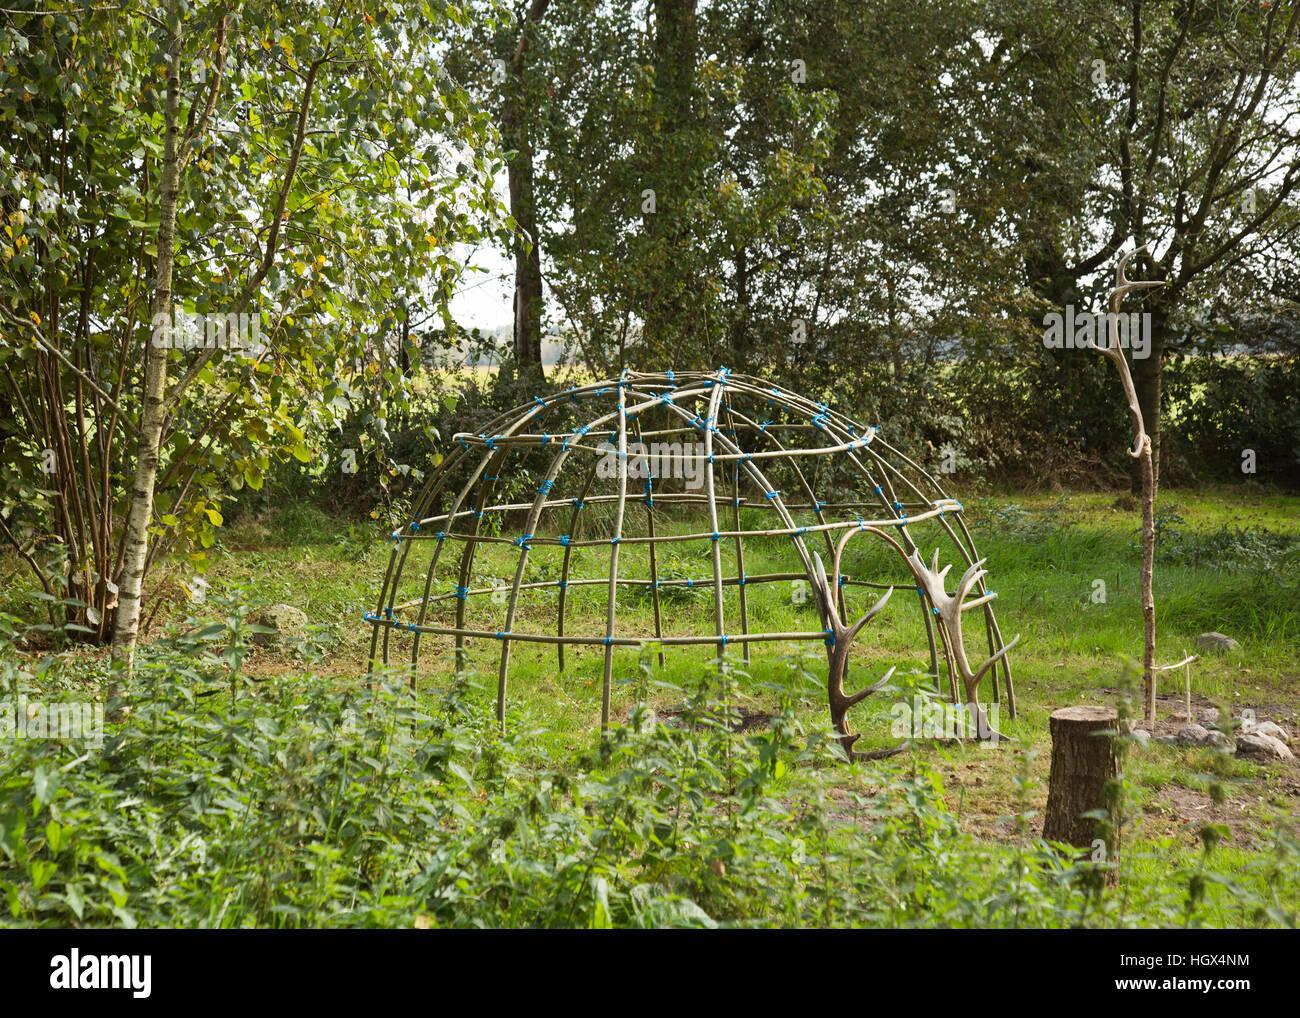 Image de suerie structure utilisée pour les rituels de purification chamanique Photo Stock